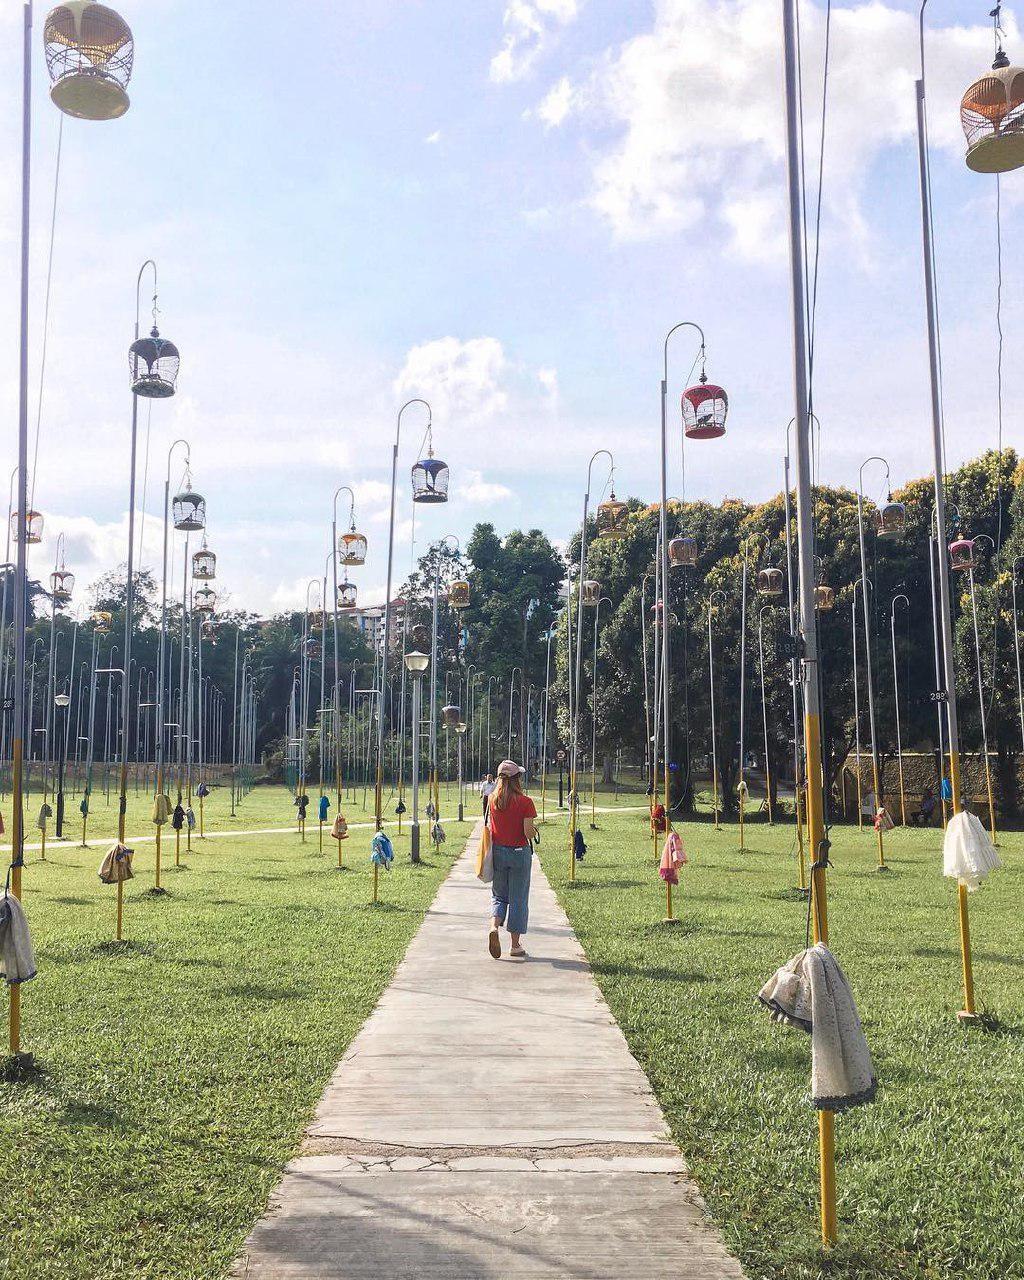 kebun baru path through cages